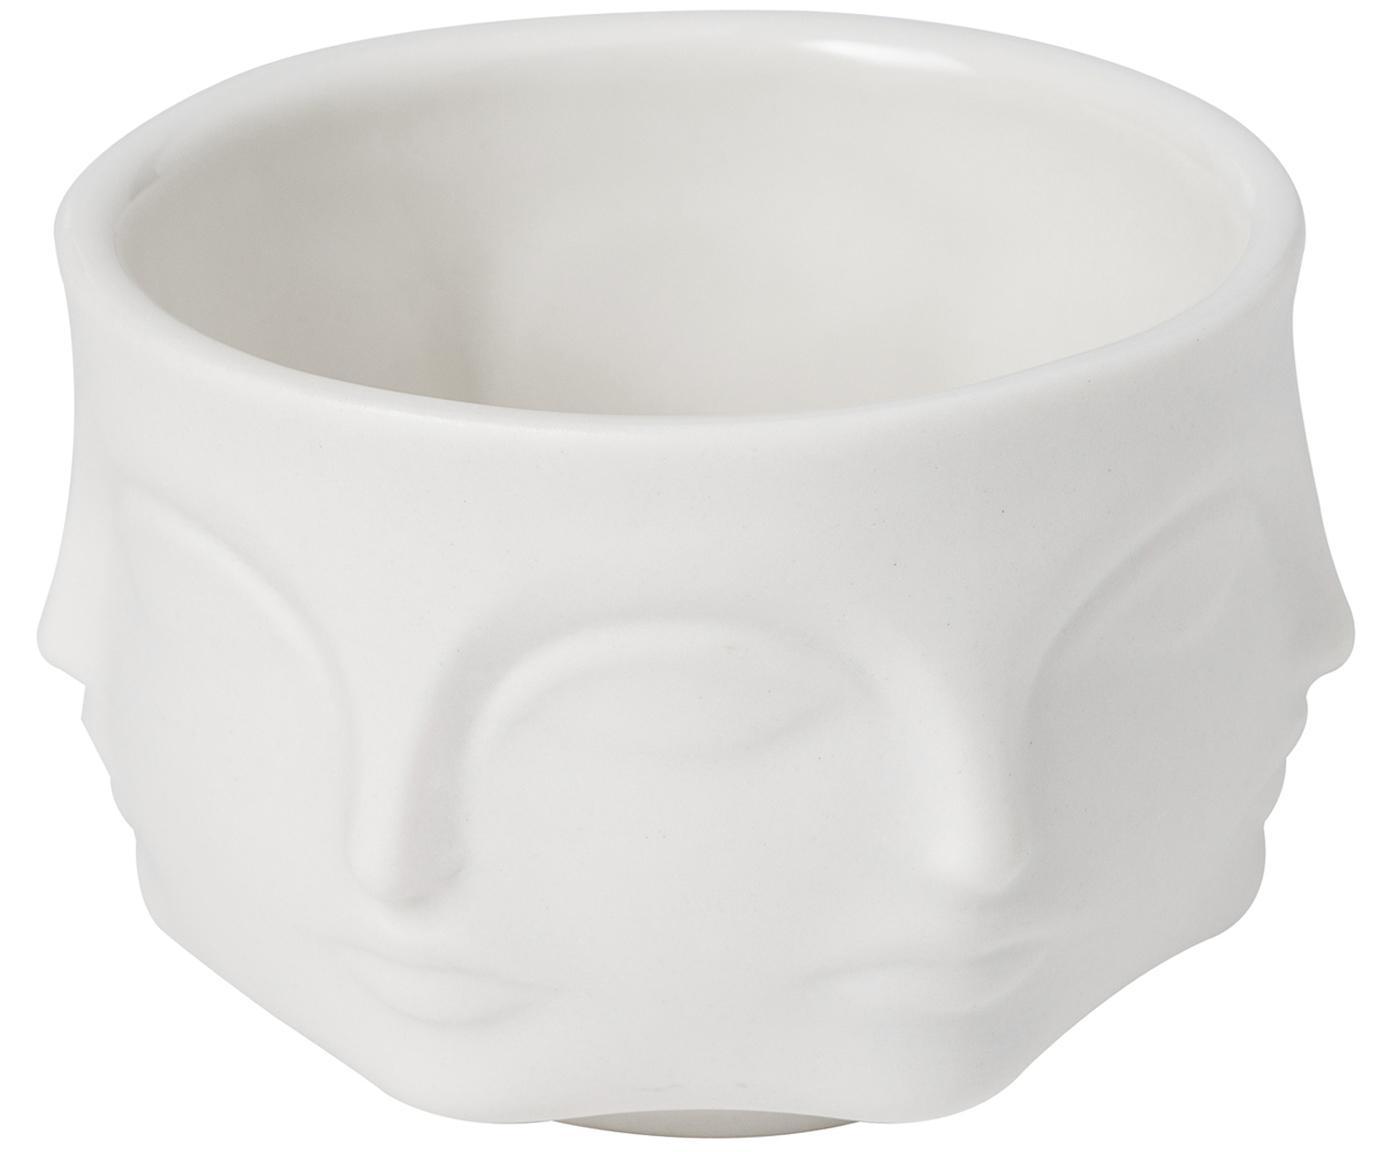 Mała designerska miska głęboka Muse, Porcelana, Biały, Ø 7 cm